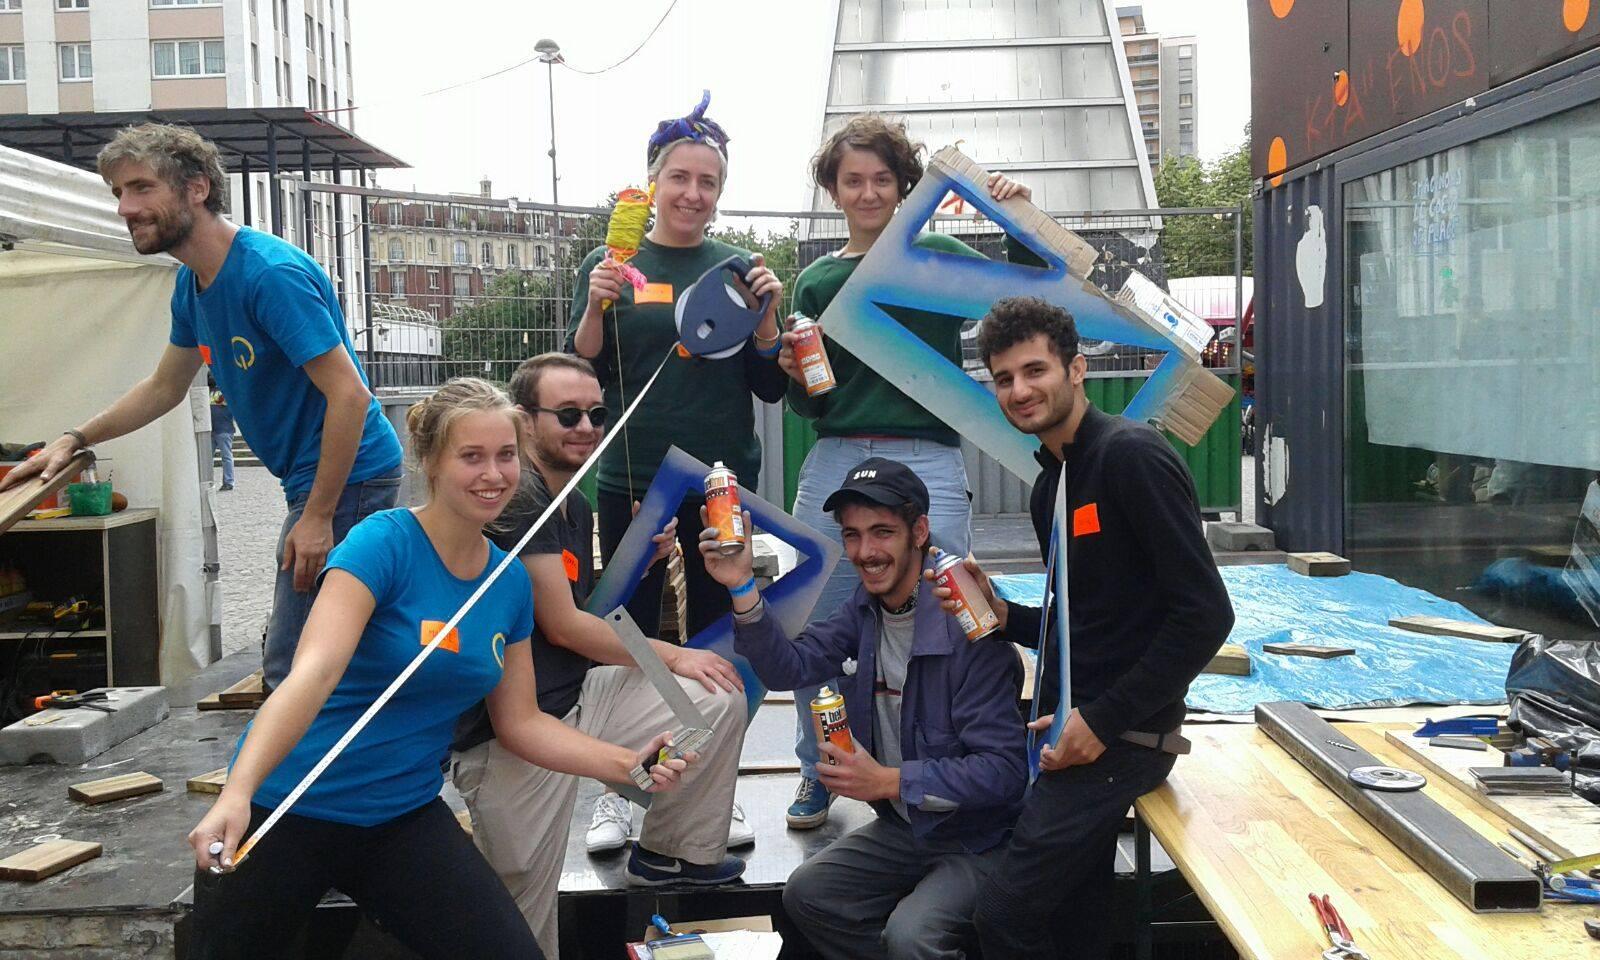 Jeu de rôle : Peinture murale en itinérance!